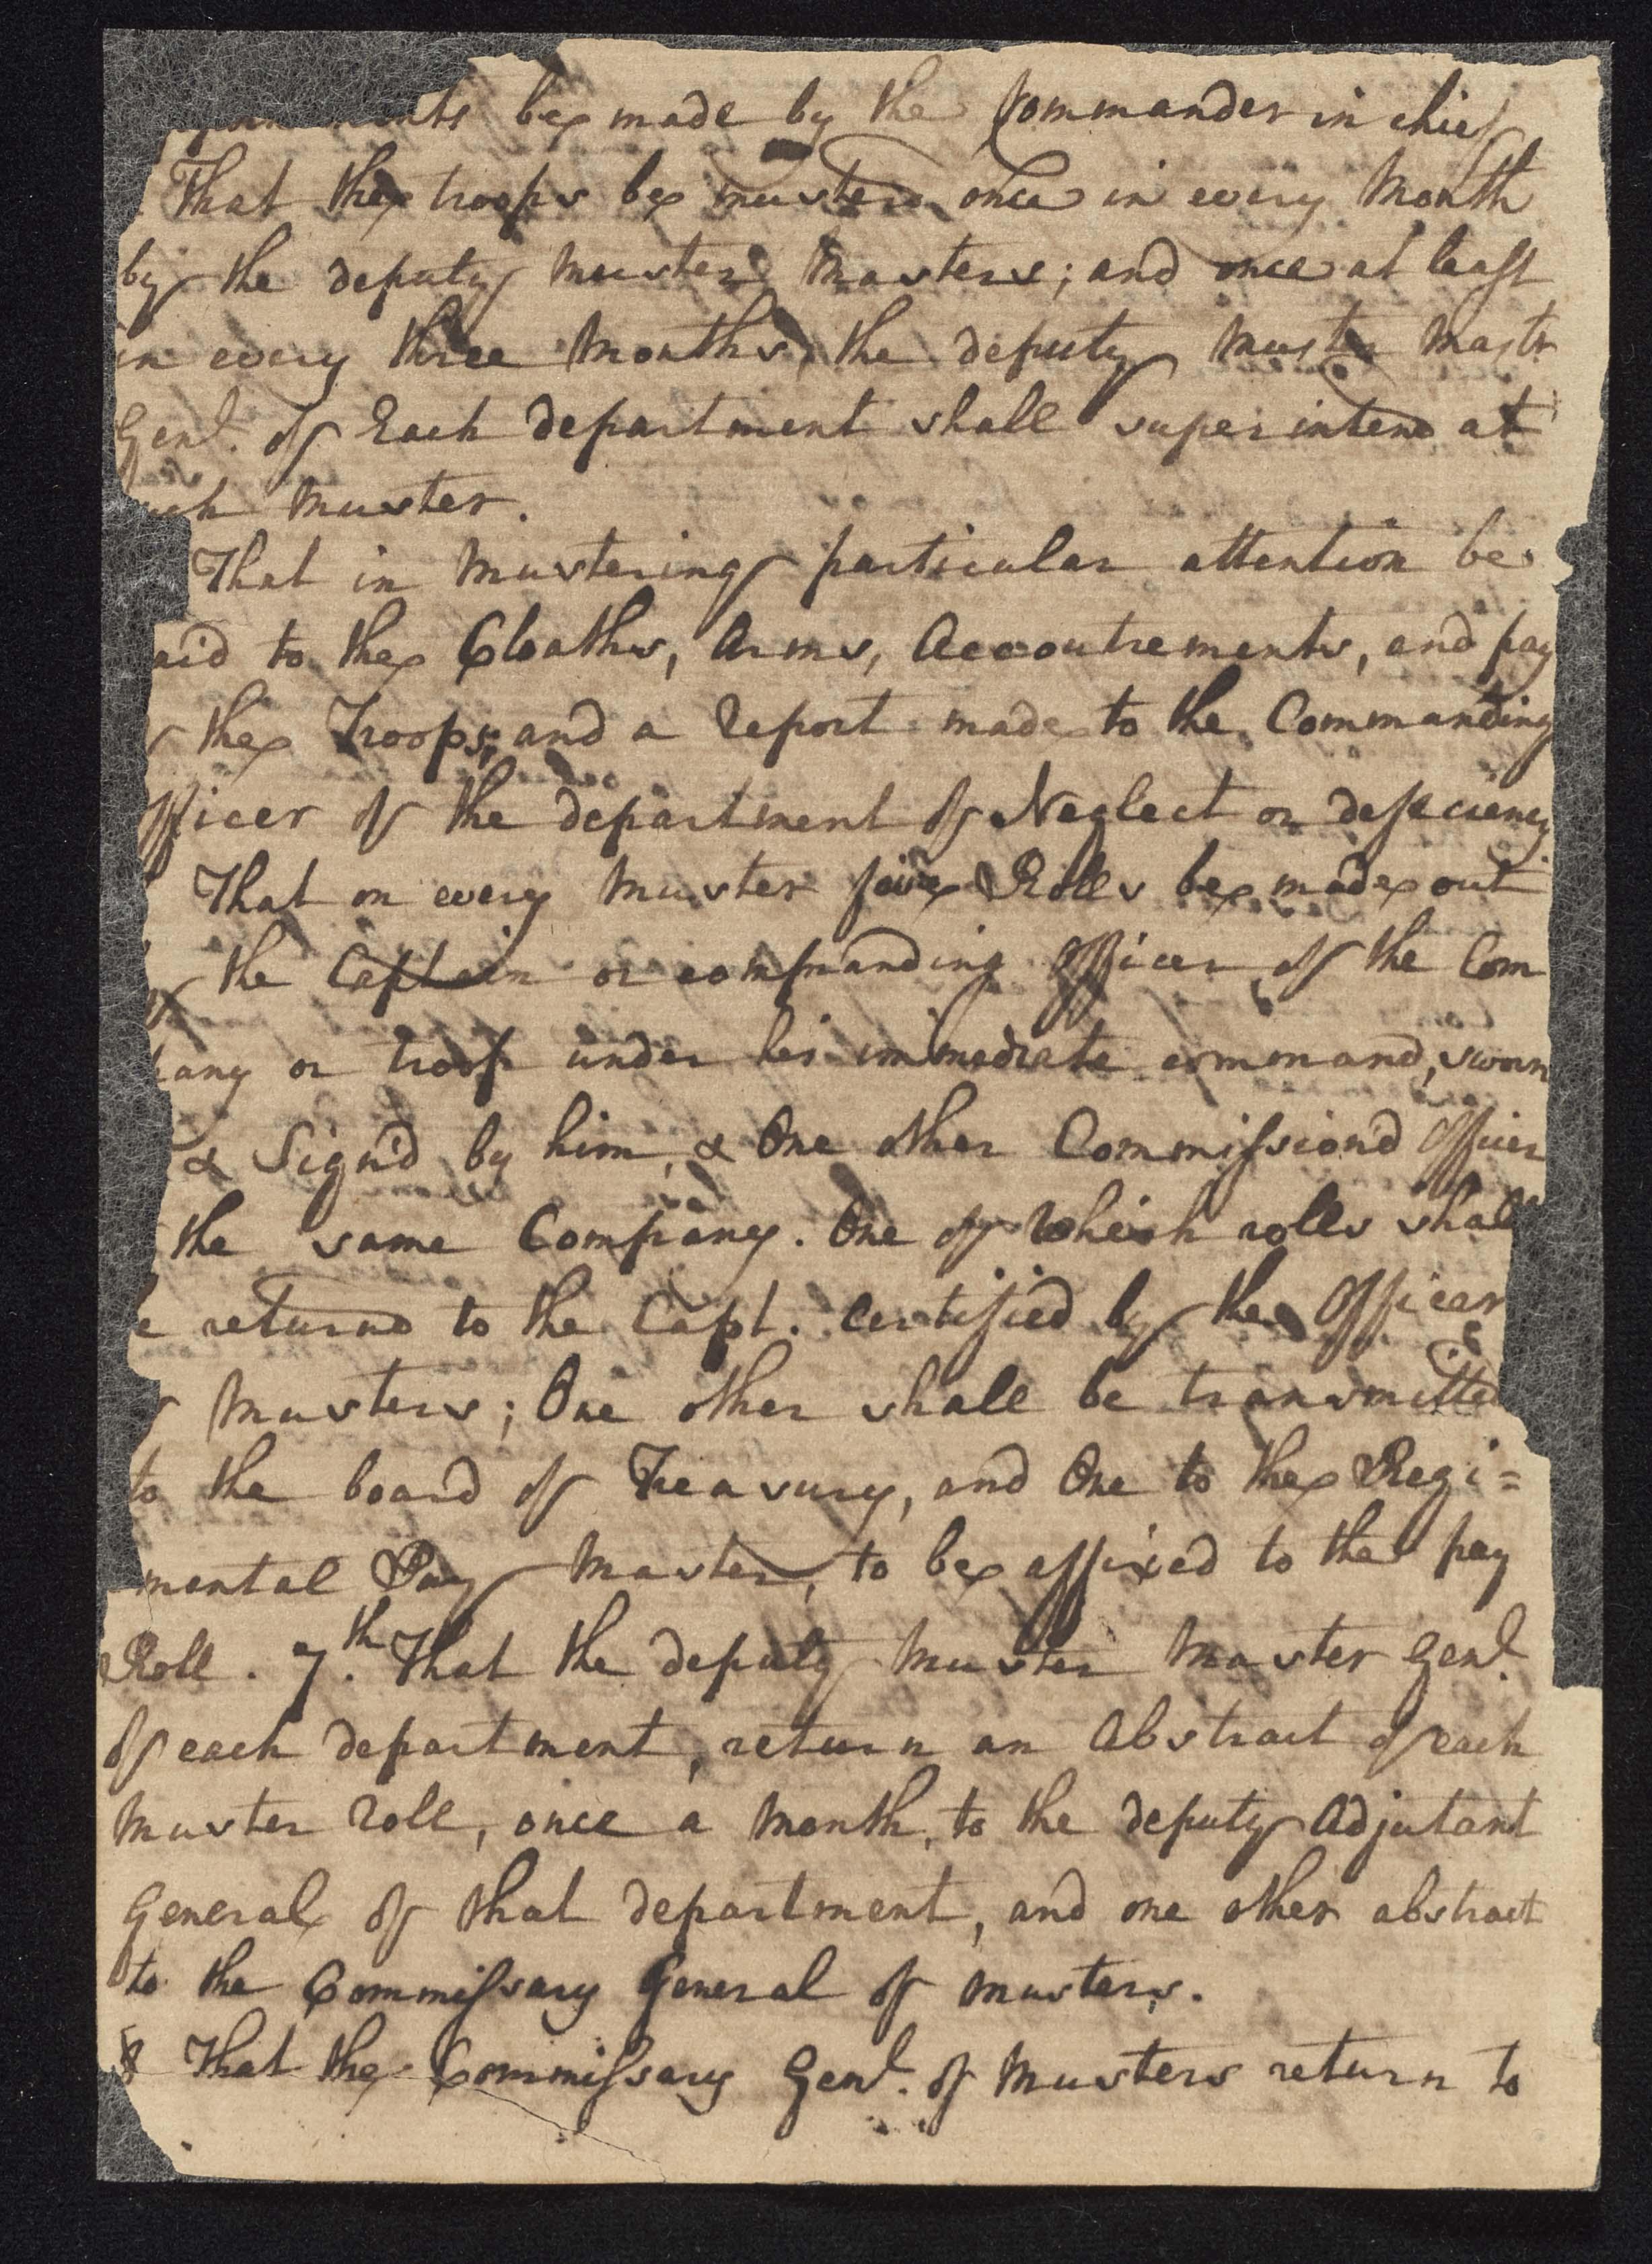 South Carolina Regiment Order Book, Page 200